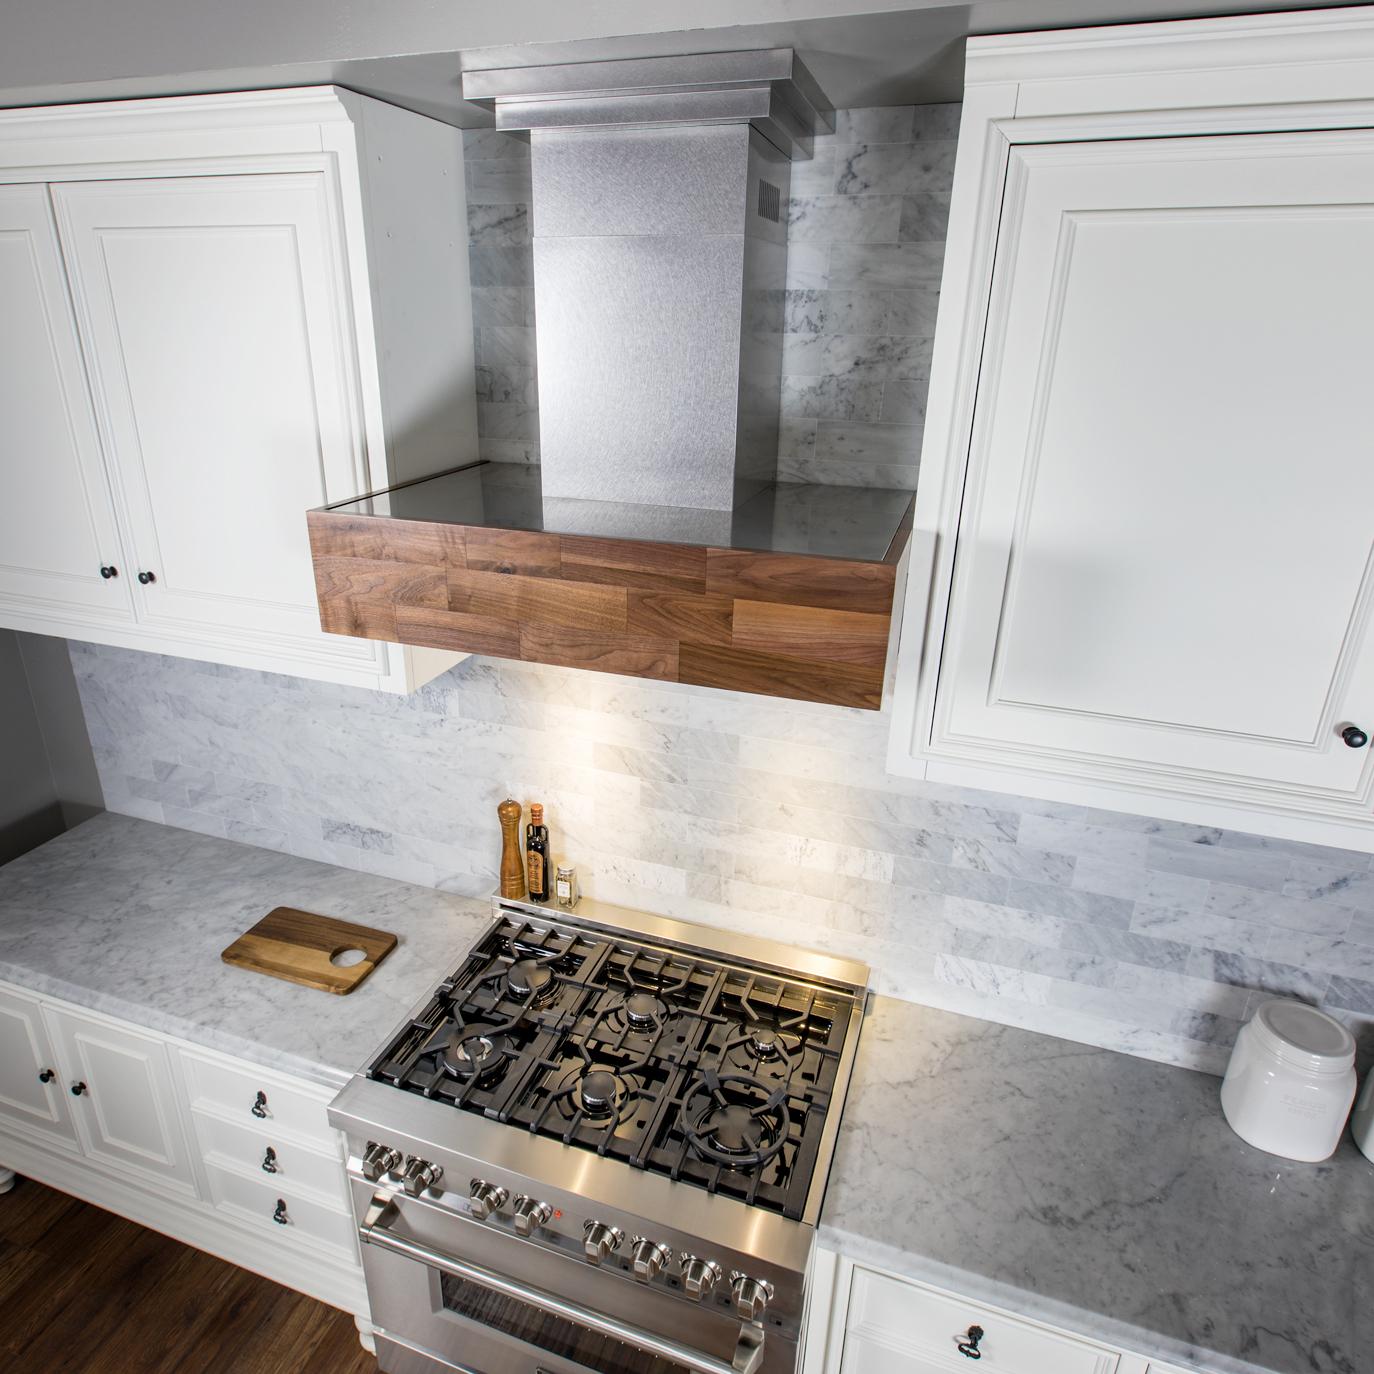 zline-designer-wood-range-hood-681W-kitchen-1.jpg